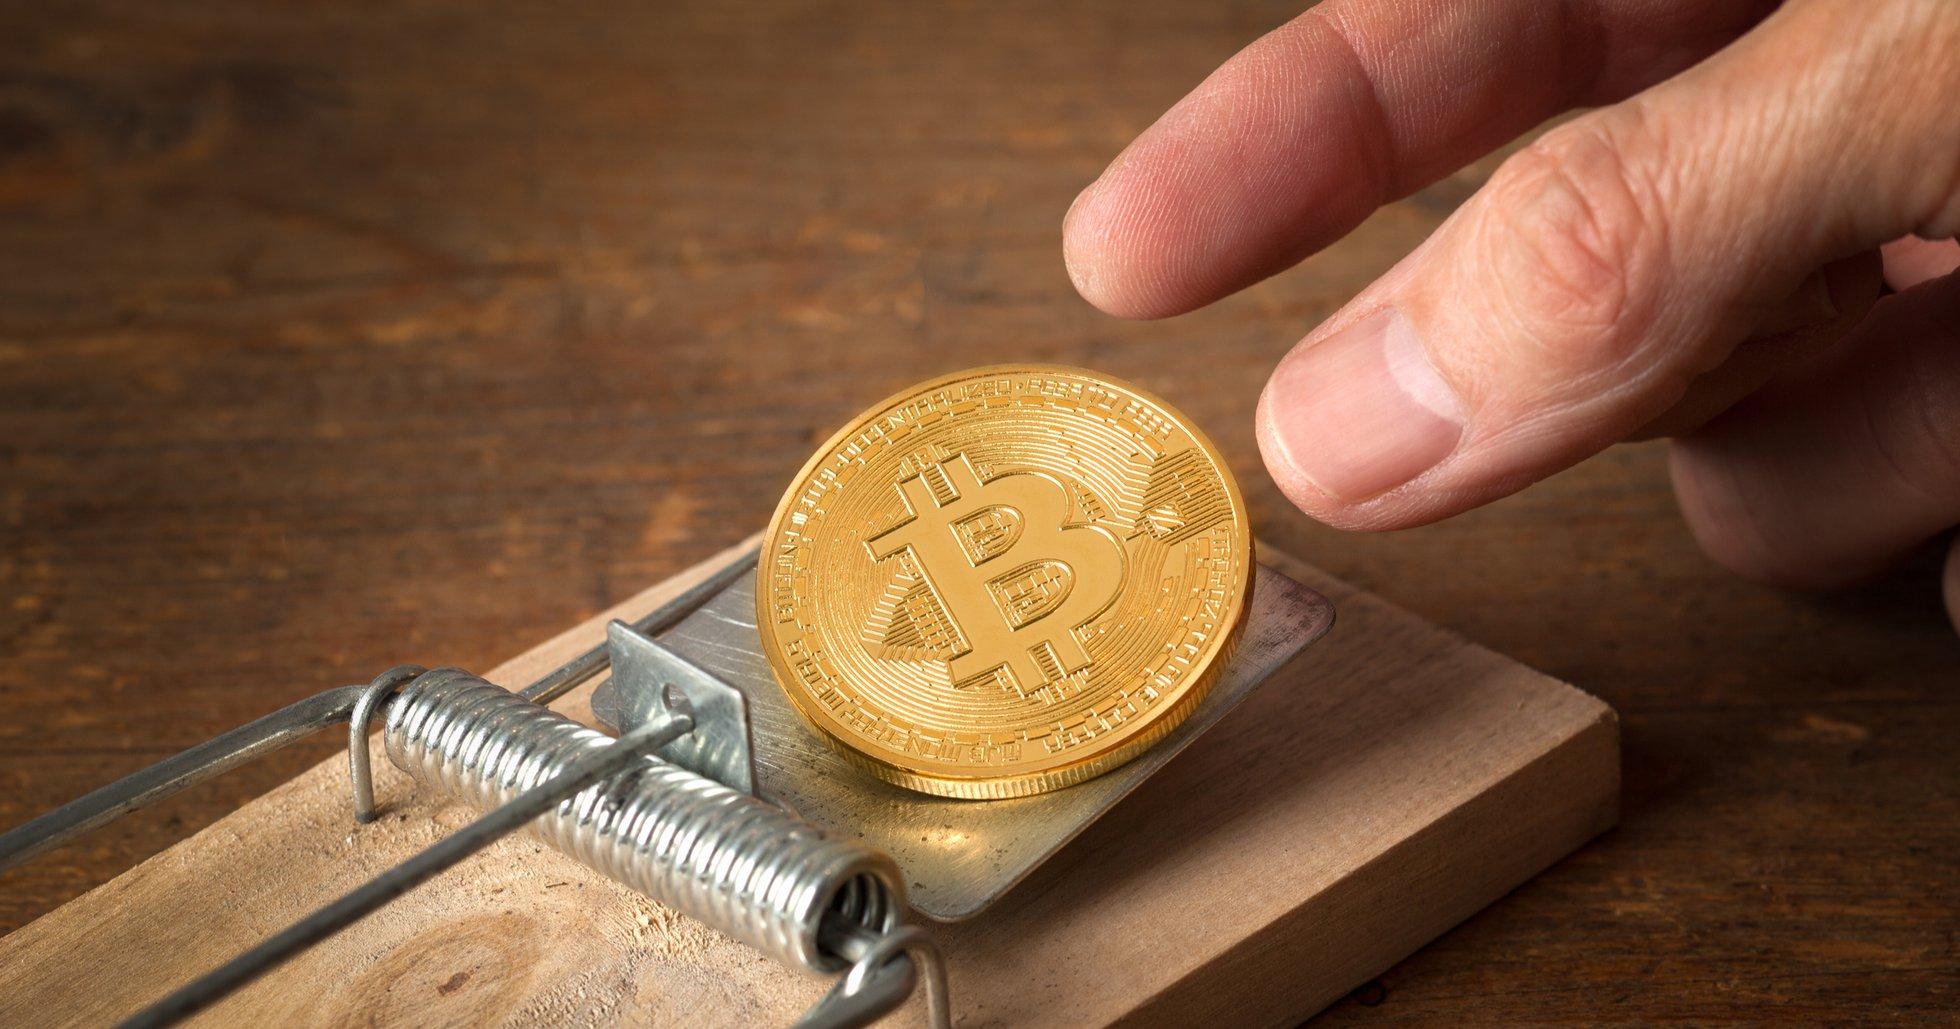 Bitcoinkursen rusar – men gå inte i den här megafällan.